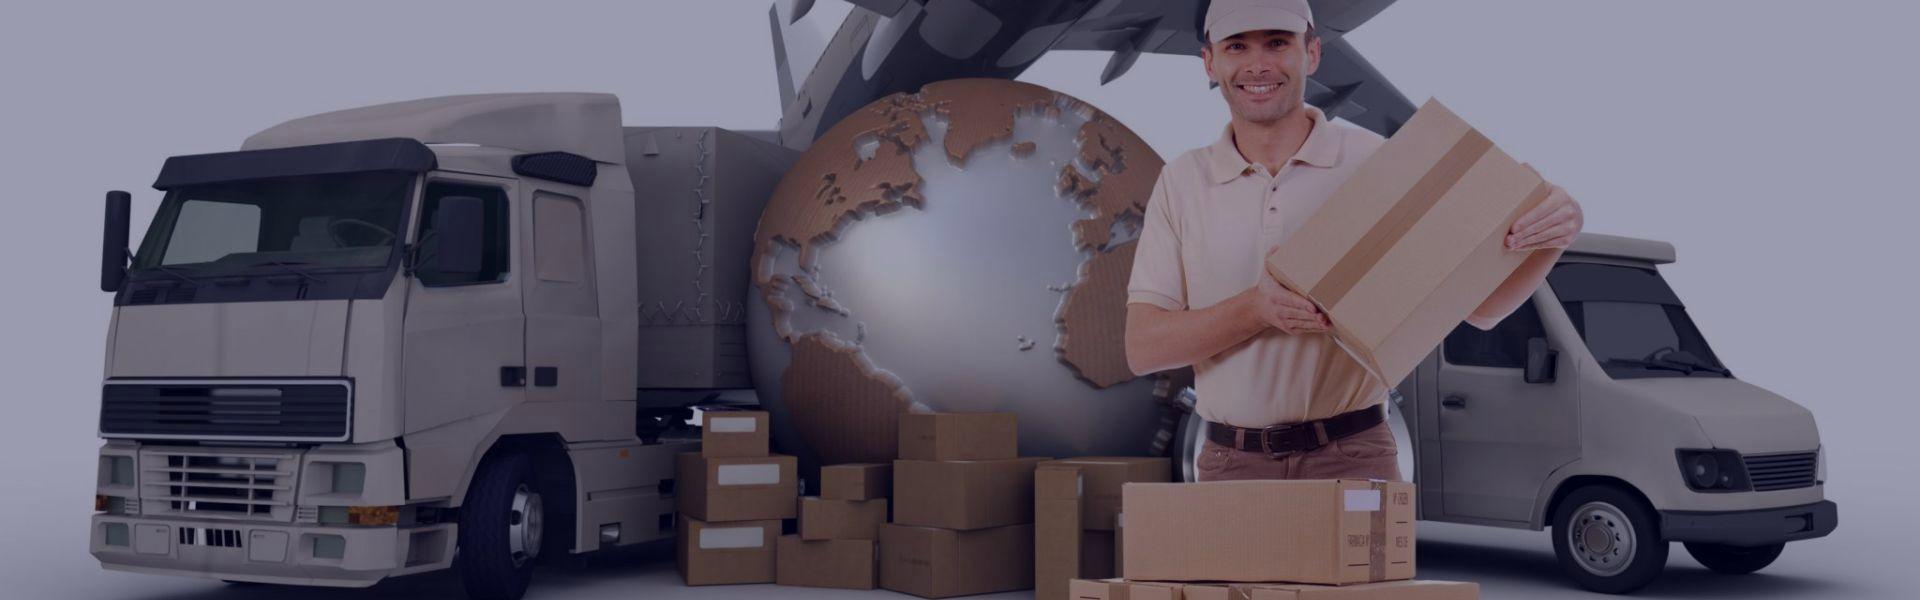 Predávajte do celého sveta, my sa postaráme o distribúciu